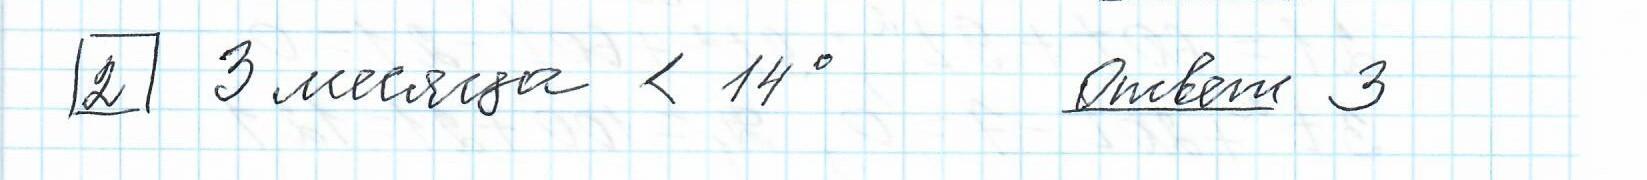 Задние 2, Вариант 8, решение и ответ - Ященко ЕГЭ 2019 математика профиль 36 вариантов